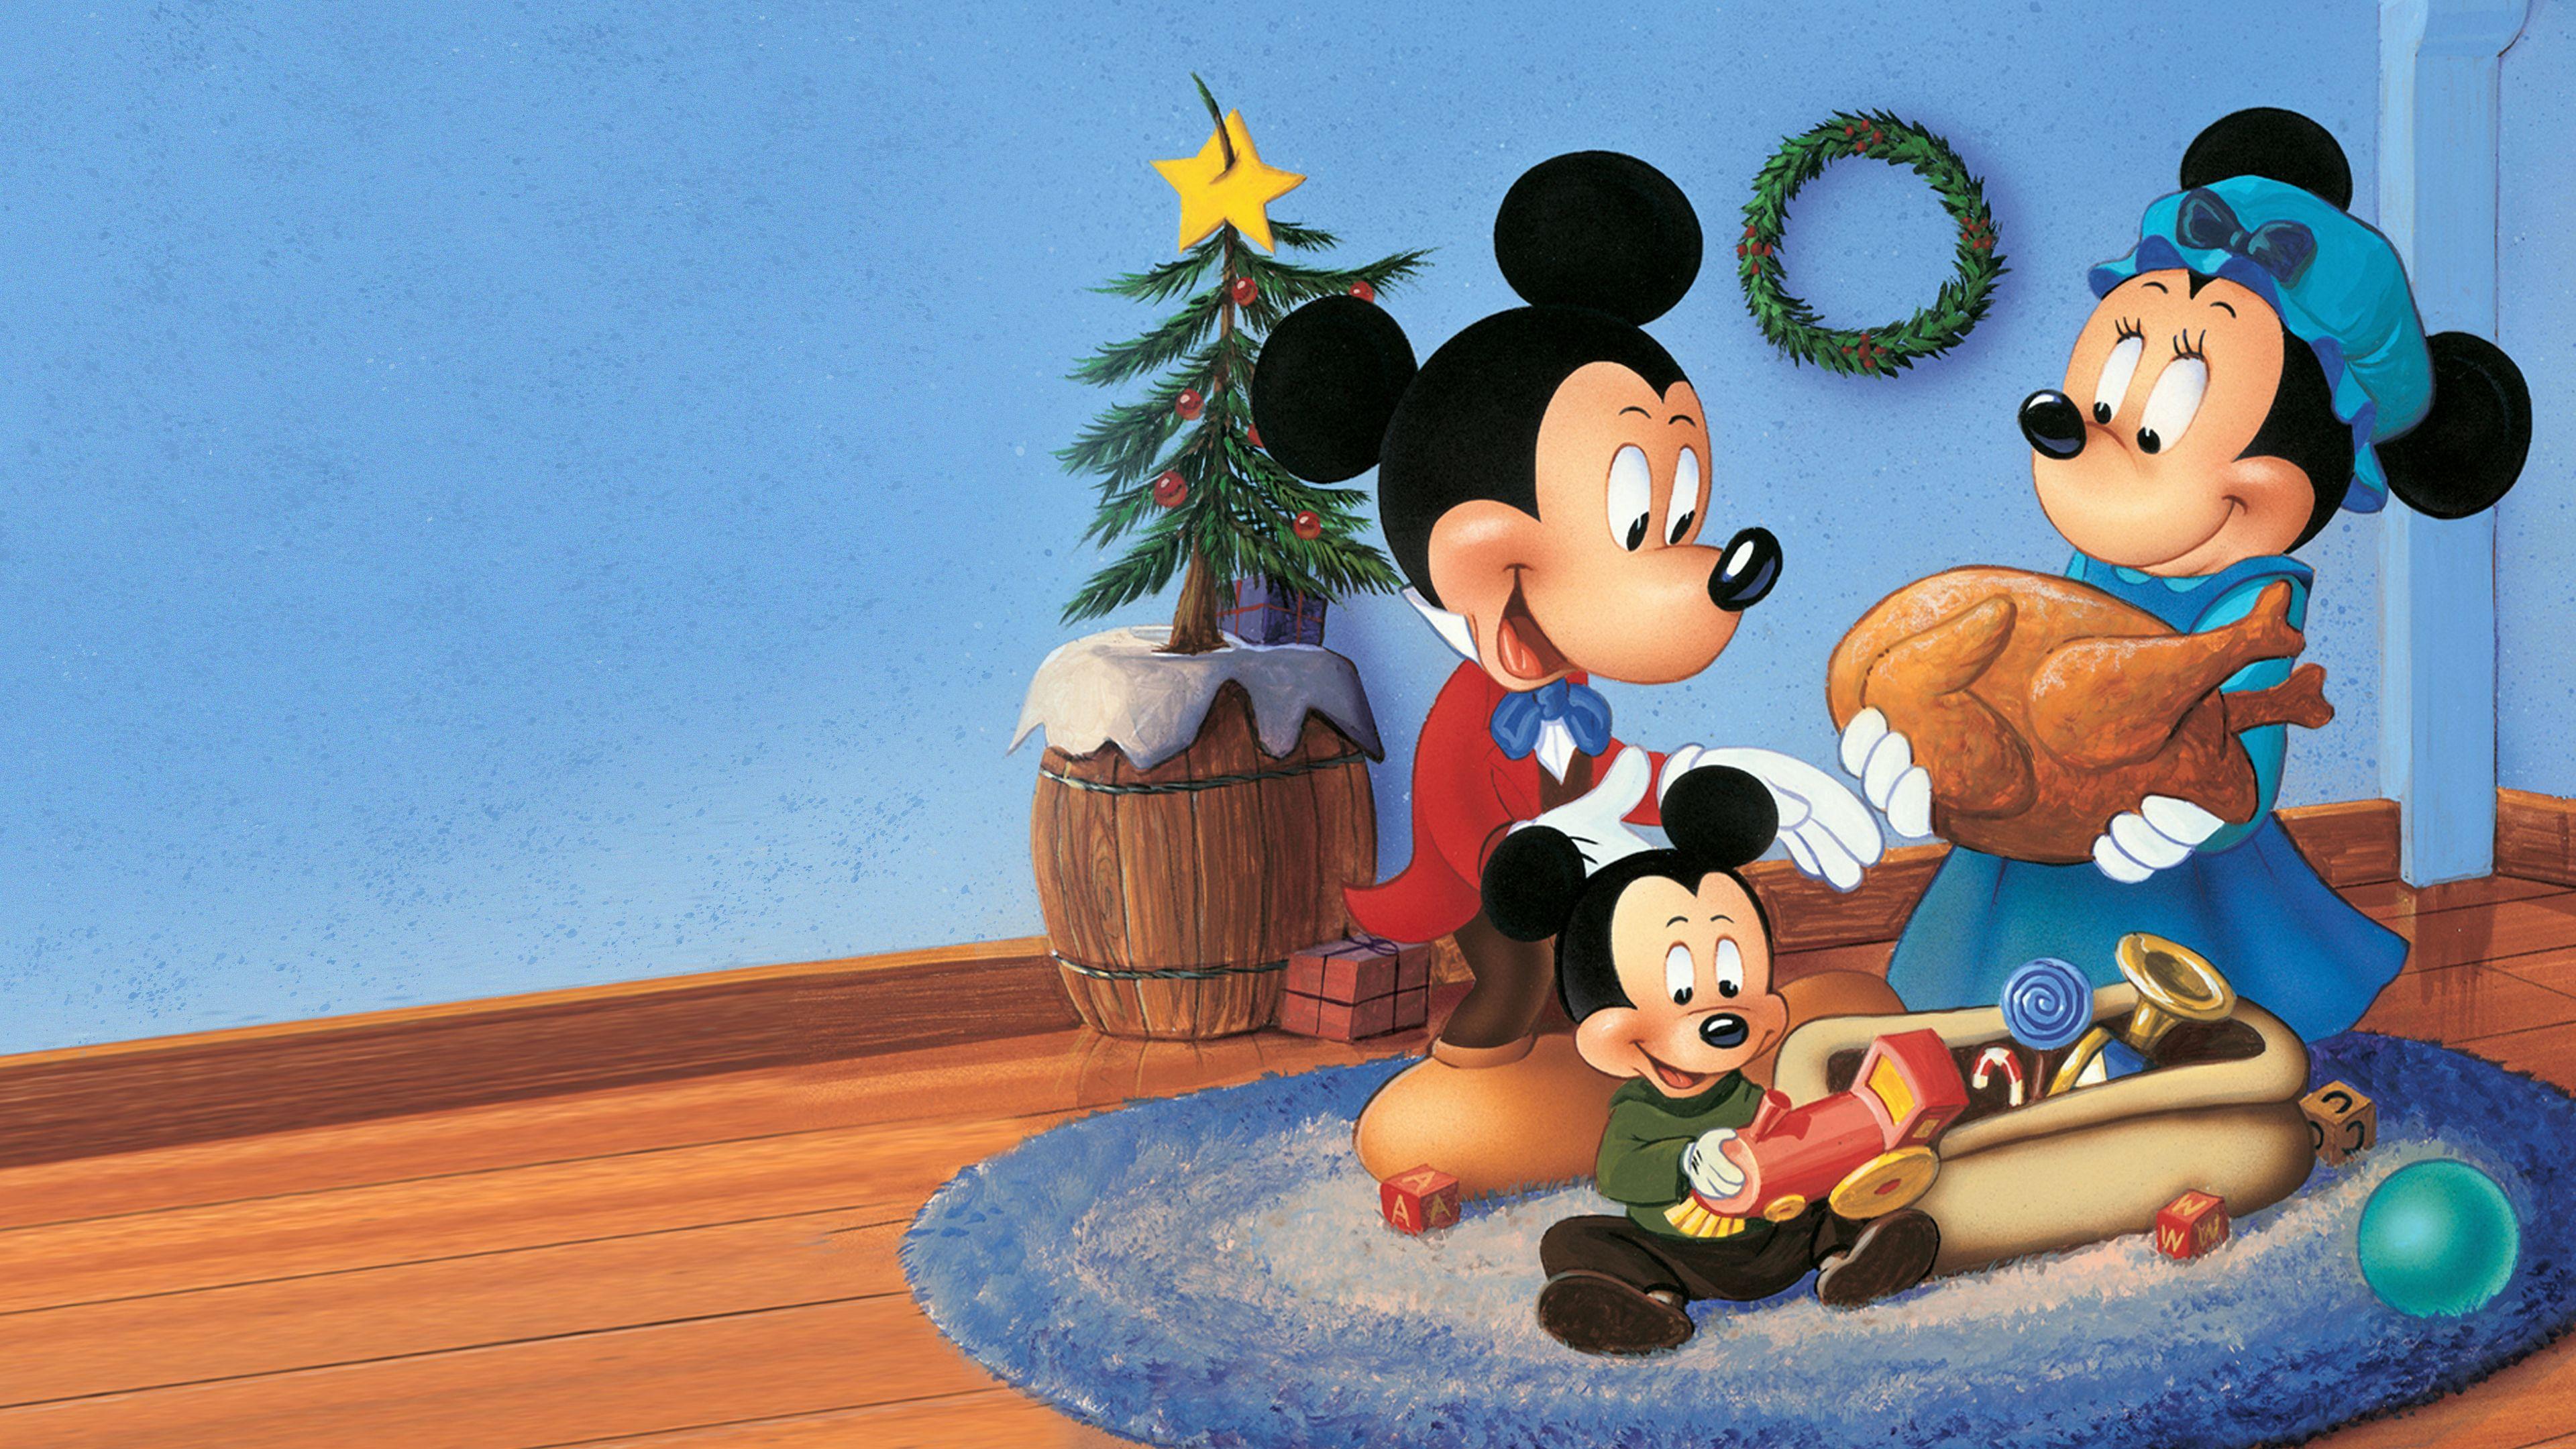 オリジナル Christmas Carol Movie Disney - カゼザナモ